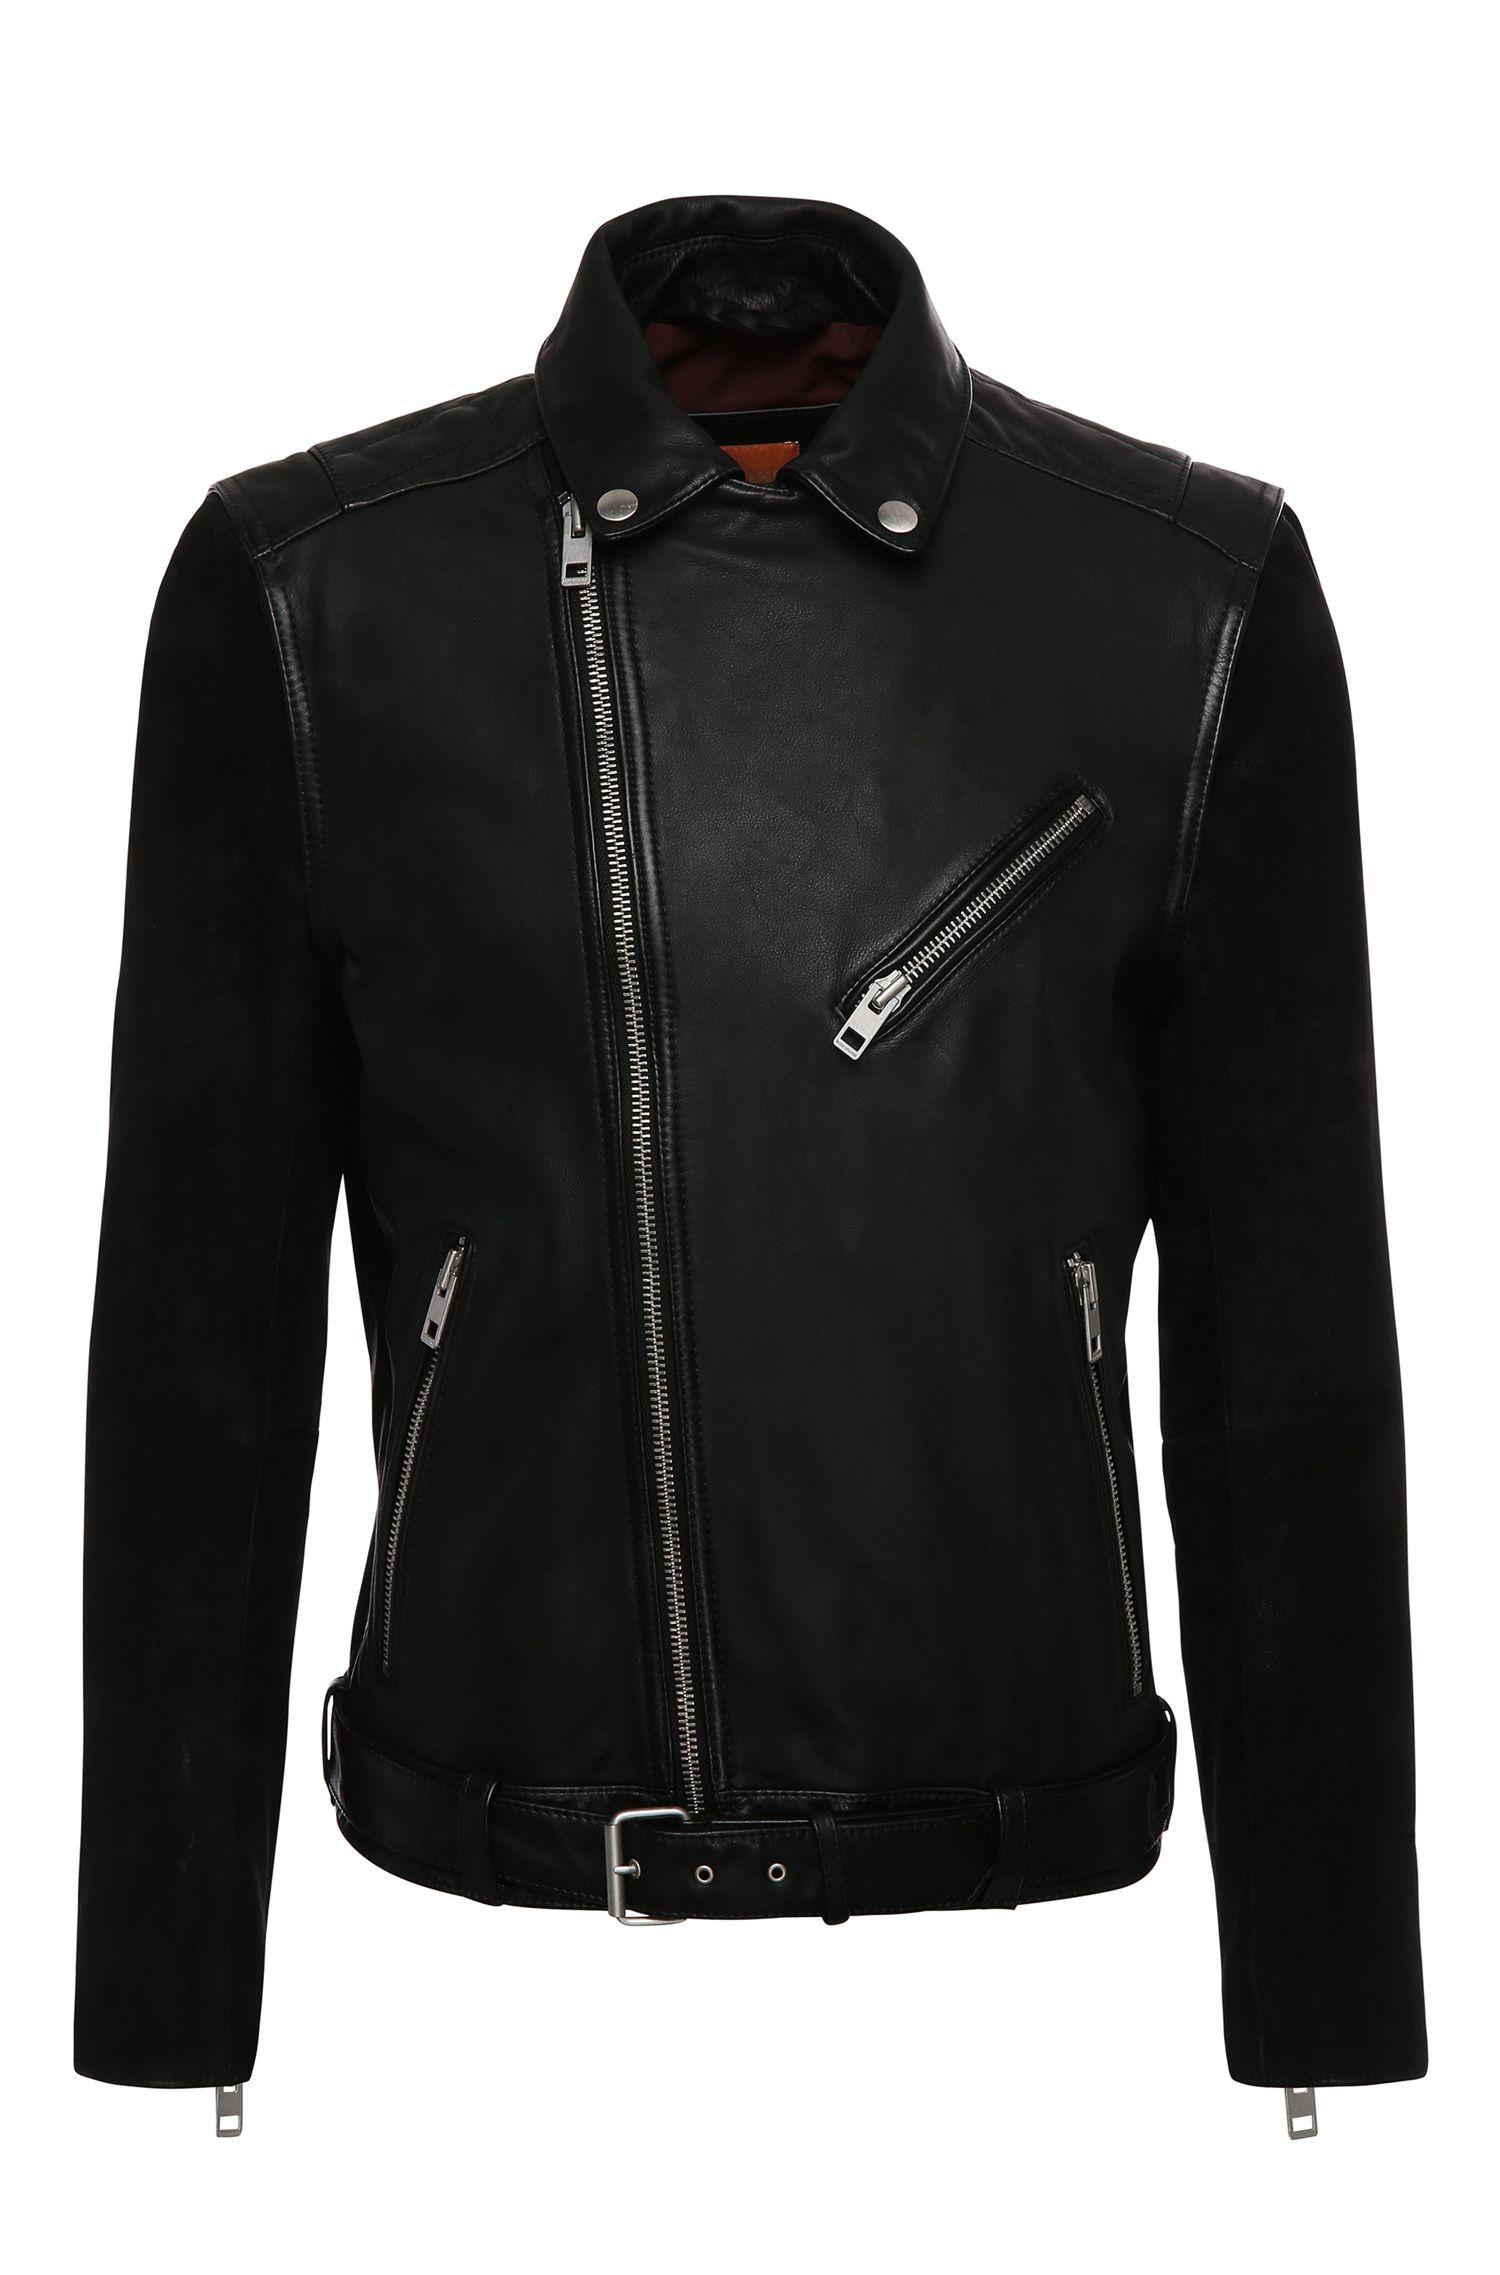 'Jetz' | Mixed Media Leather Biker Jacket